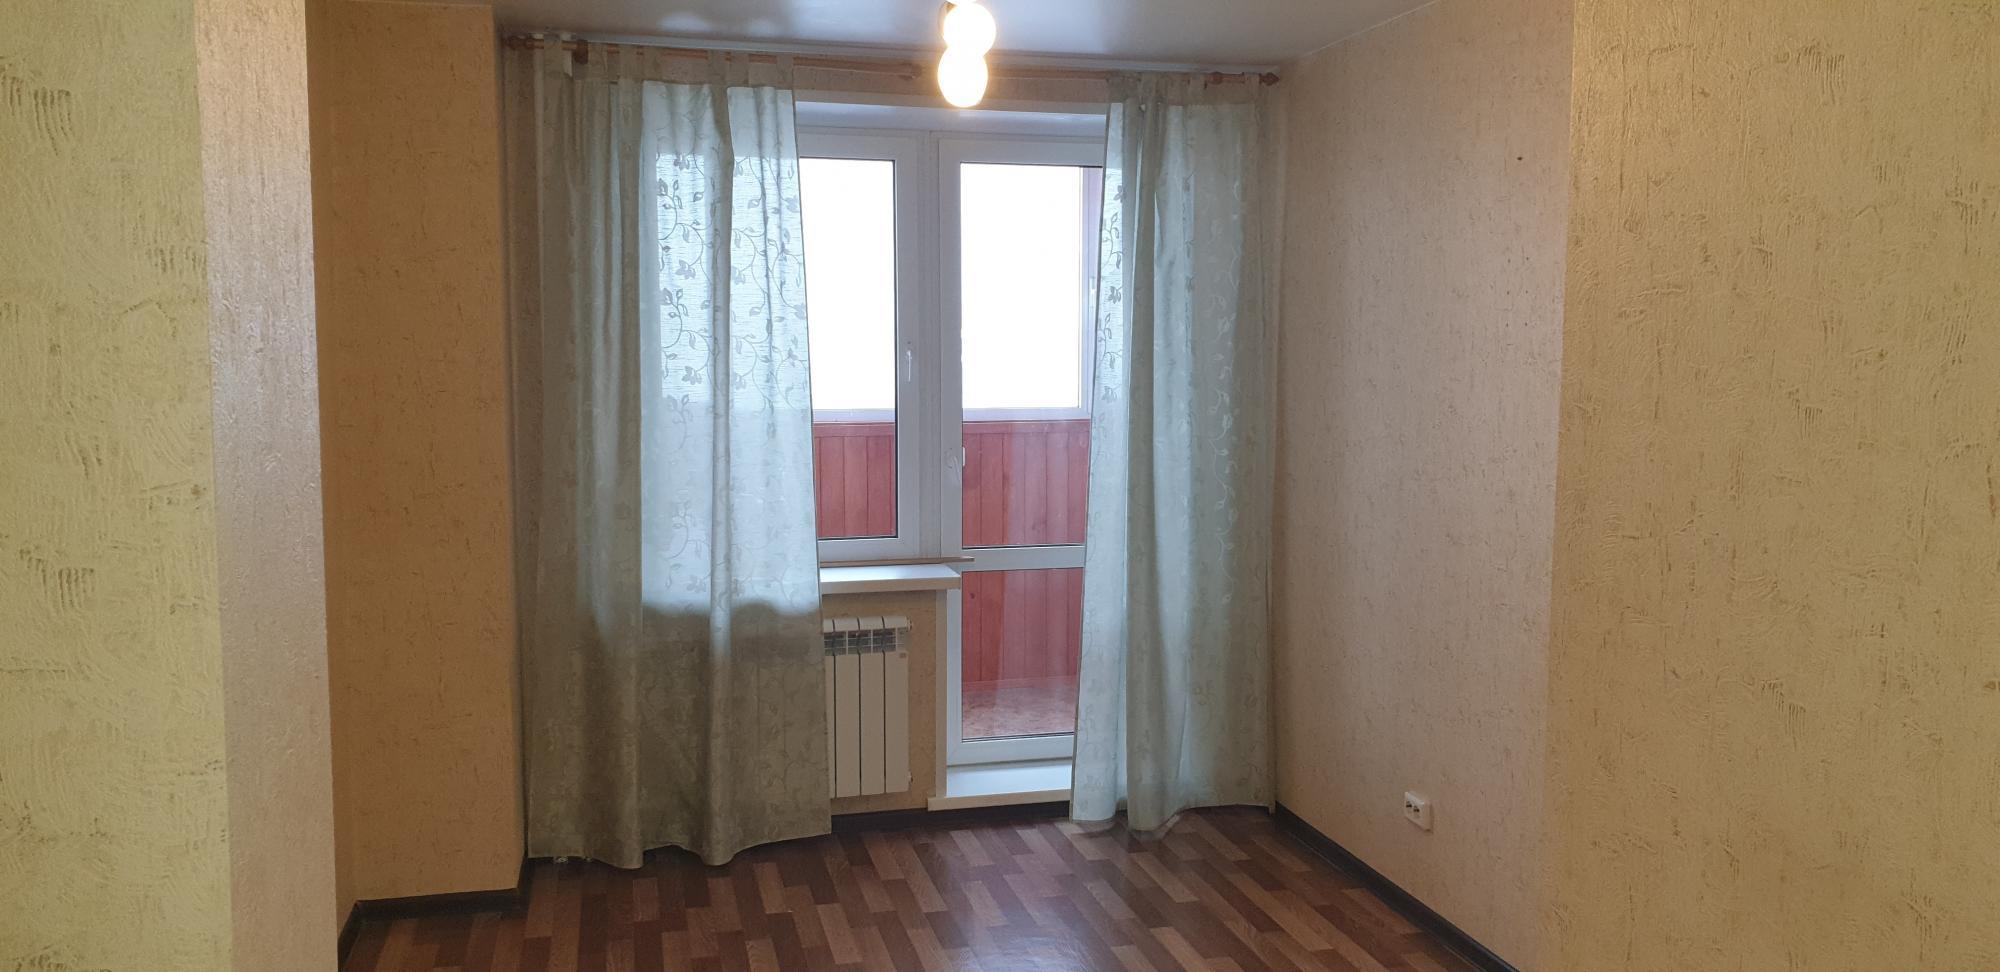 1к квартира улица Калинина, 183 | 11000 | аренда в Красноярске фото 10